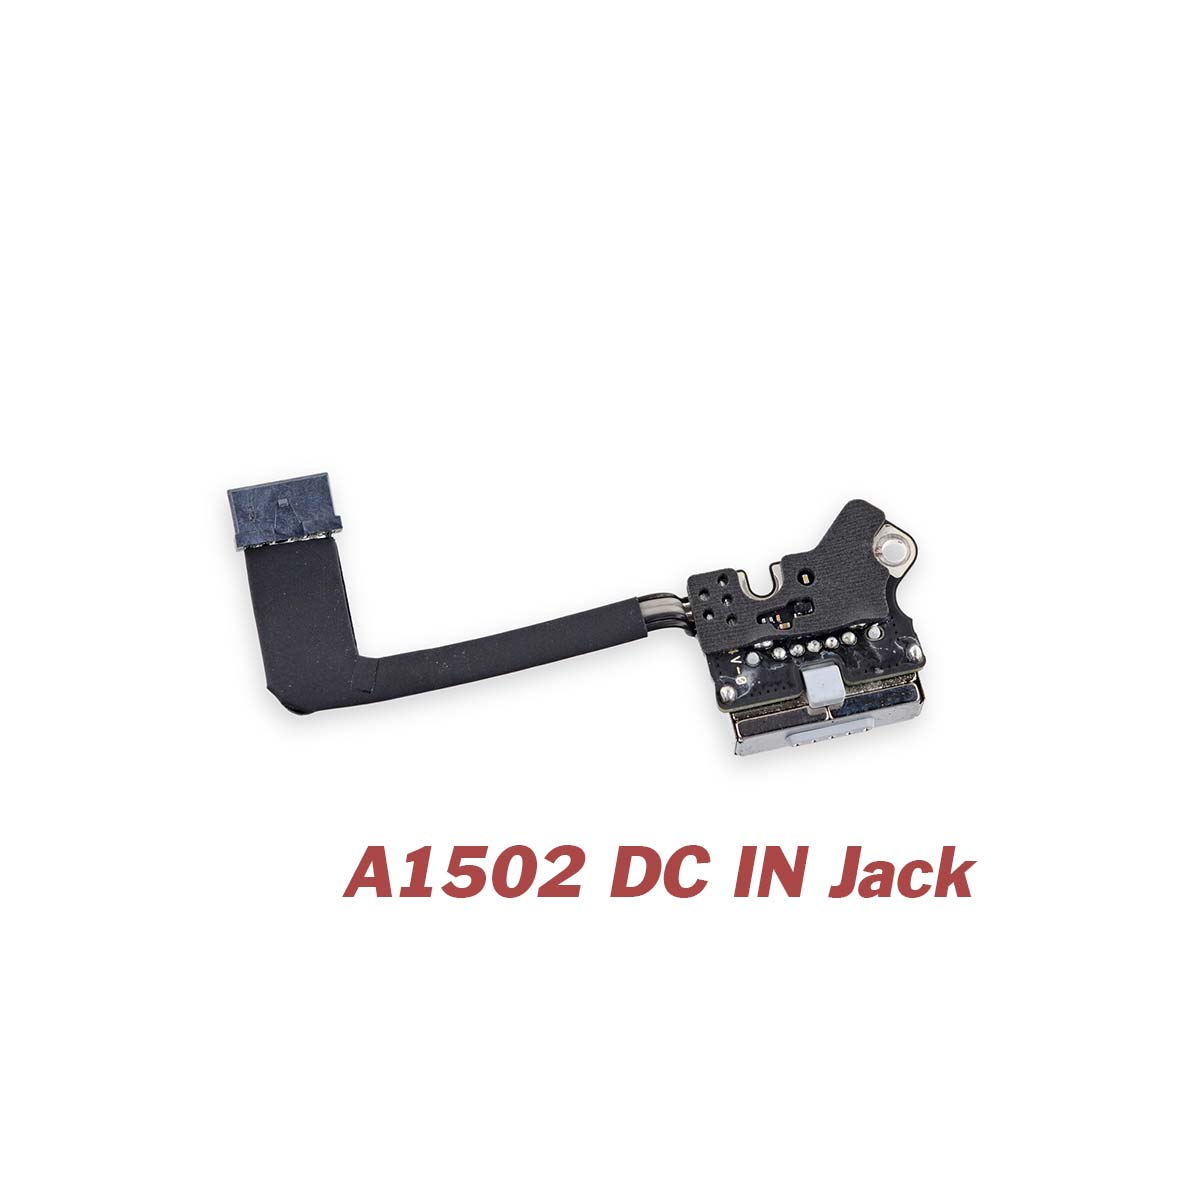 A1502 Magsafe 2 DC Jack